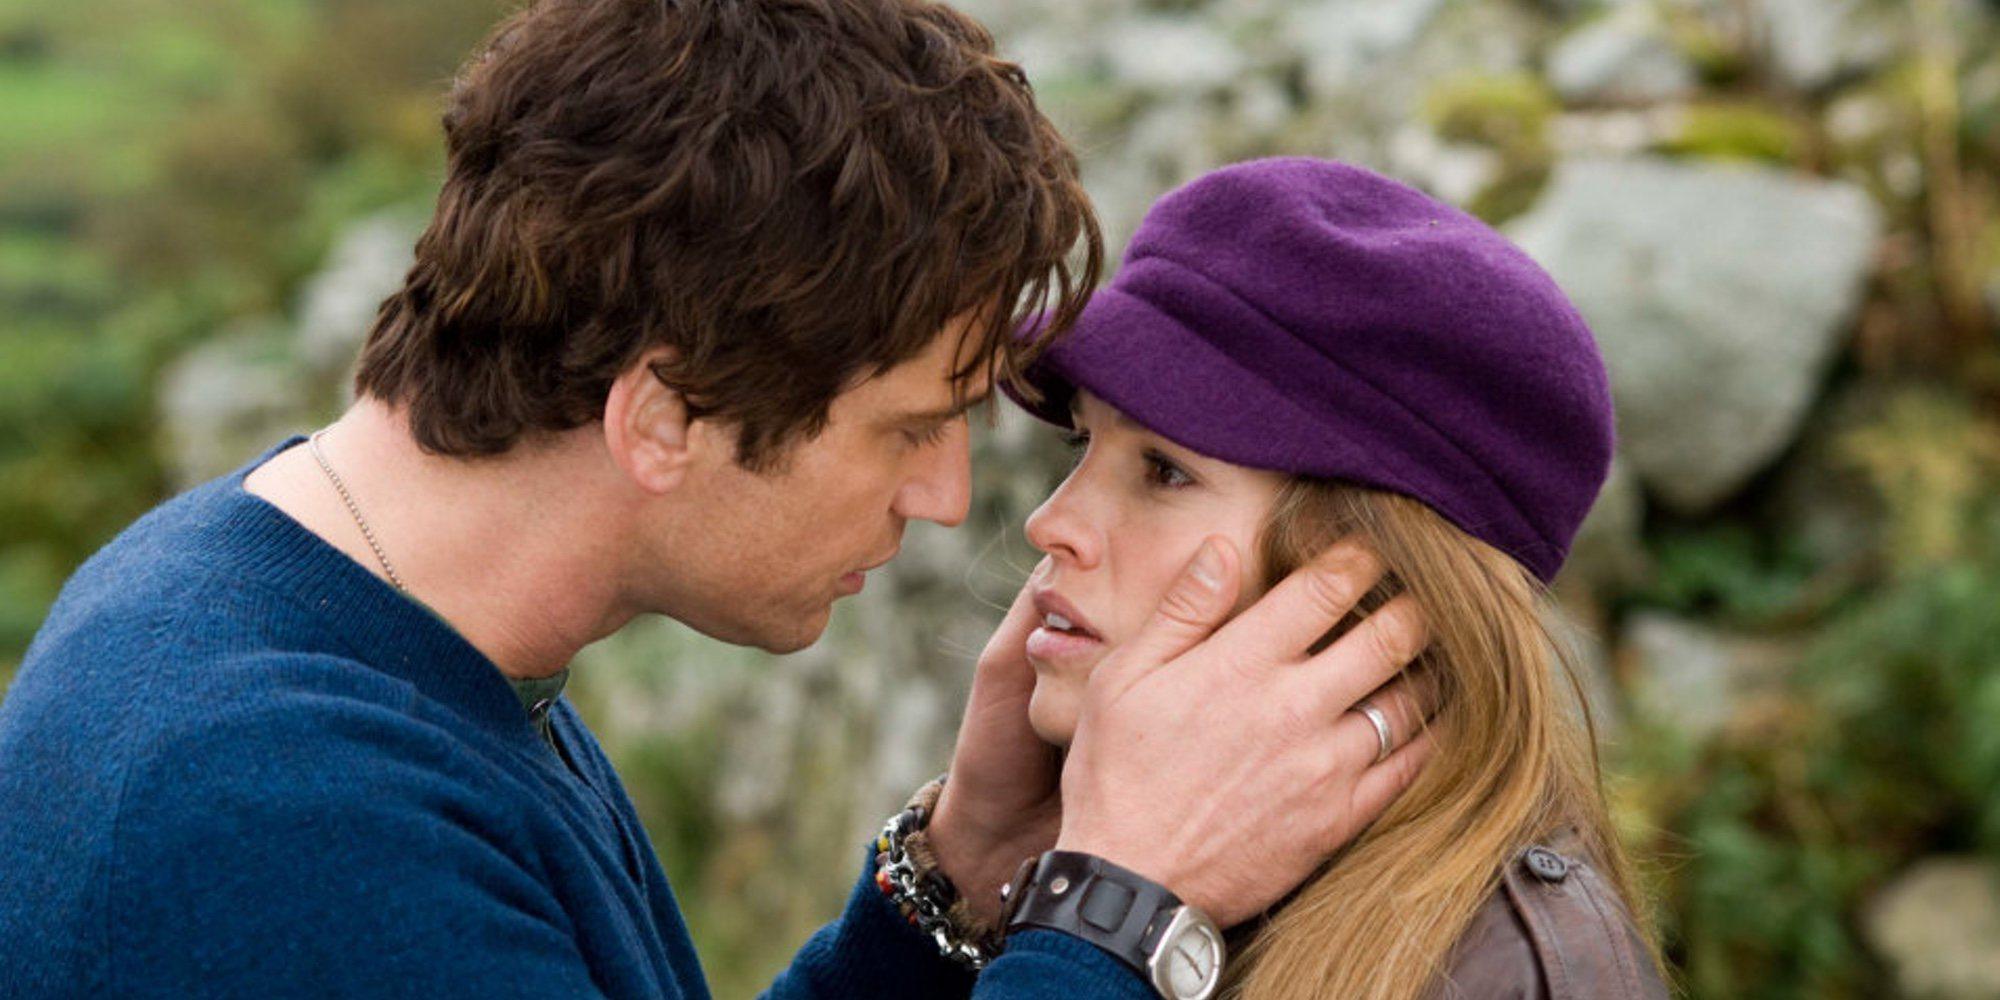 Las 14 parejas románticas de cine que más nos han cautivado